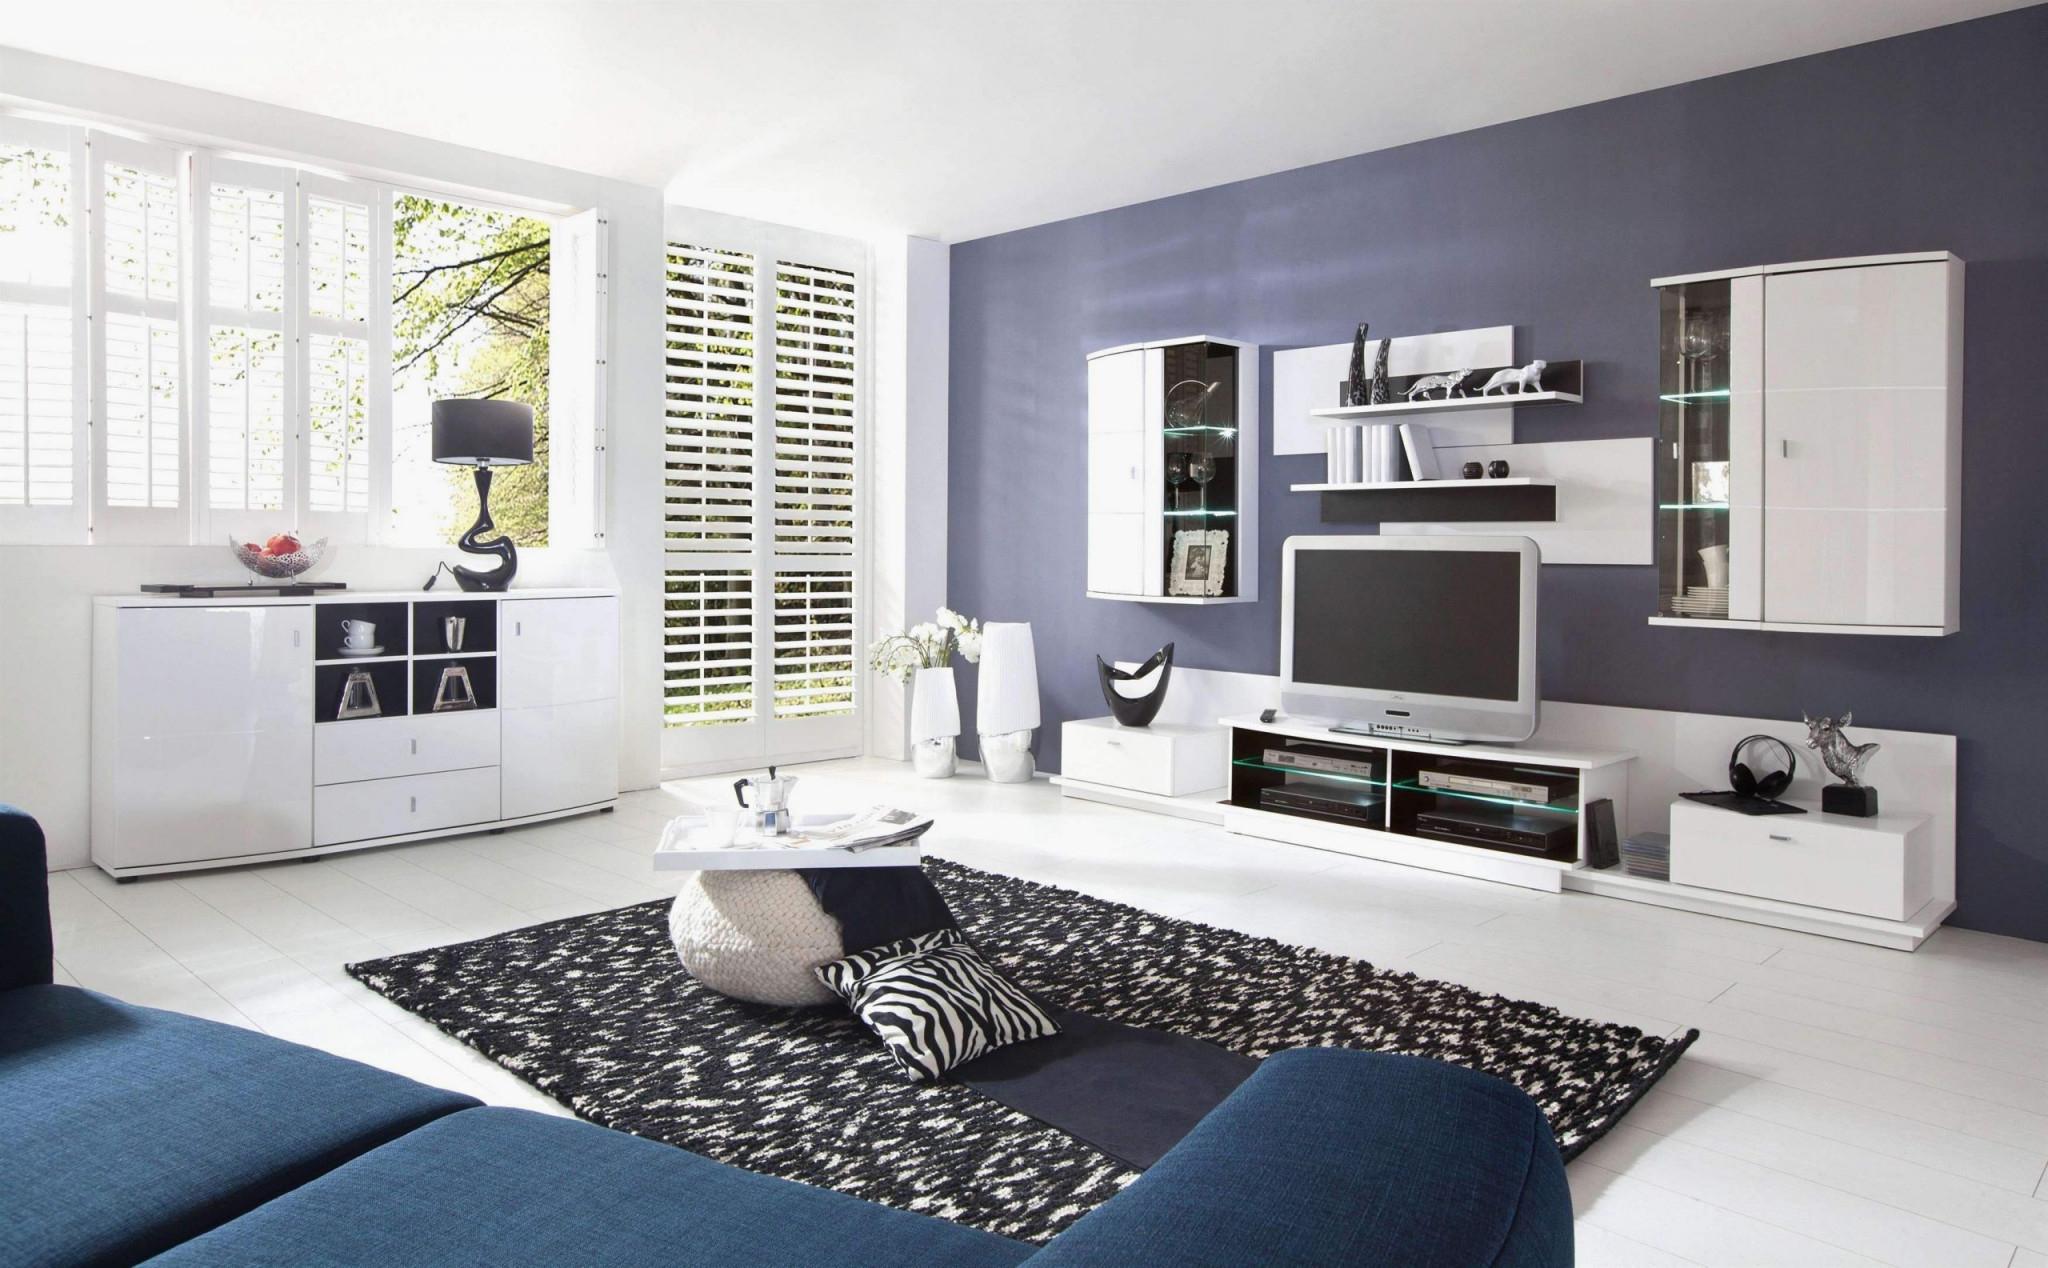 Schöne Wohnzimmer Bilder Frisch Neu Schöne Wohnzimmer von Schöne Wohnzimmer Bilder Photo